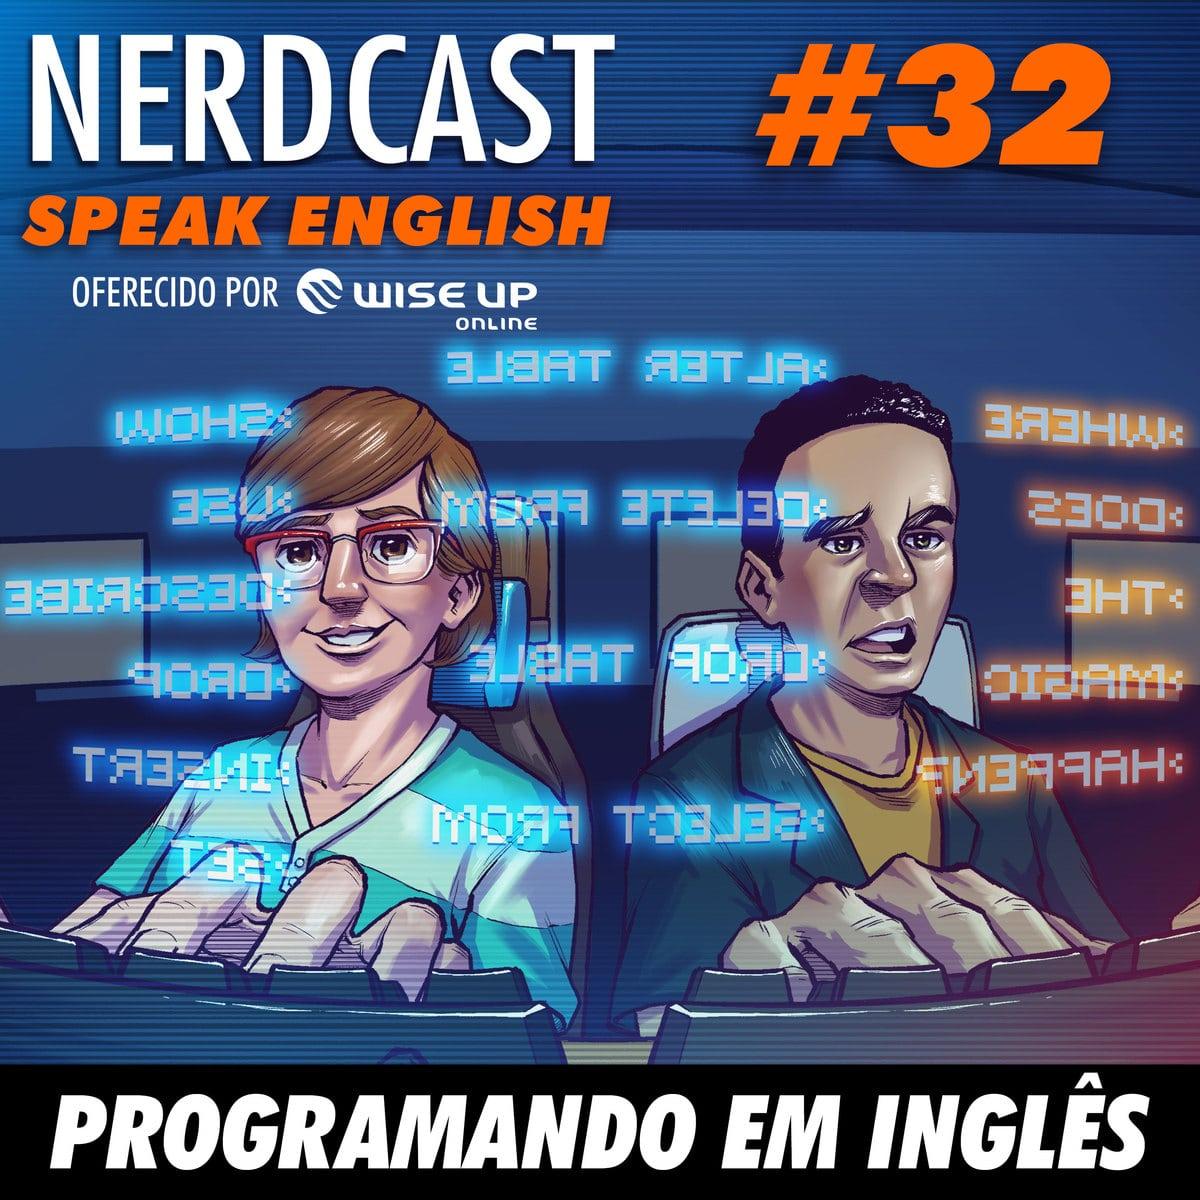 Speak English 32 - Programando em Inglês